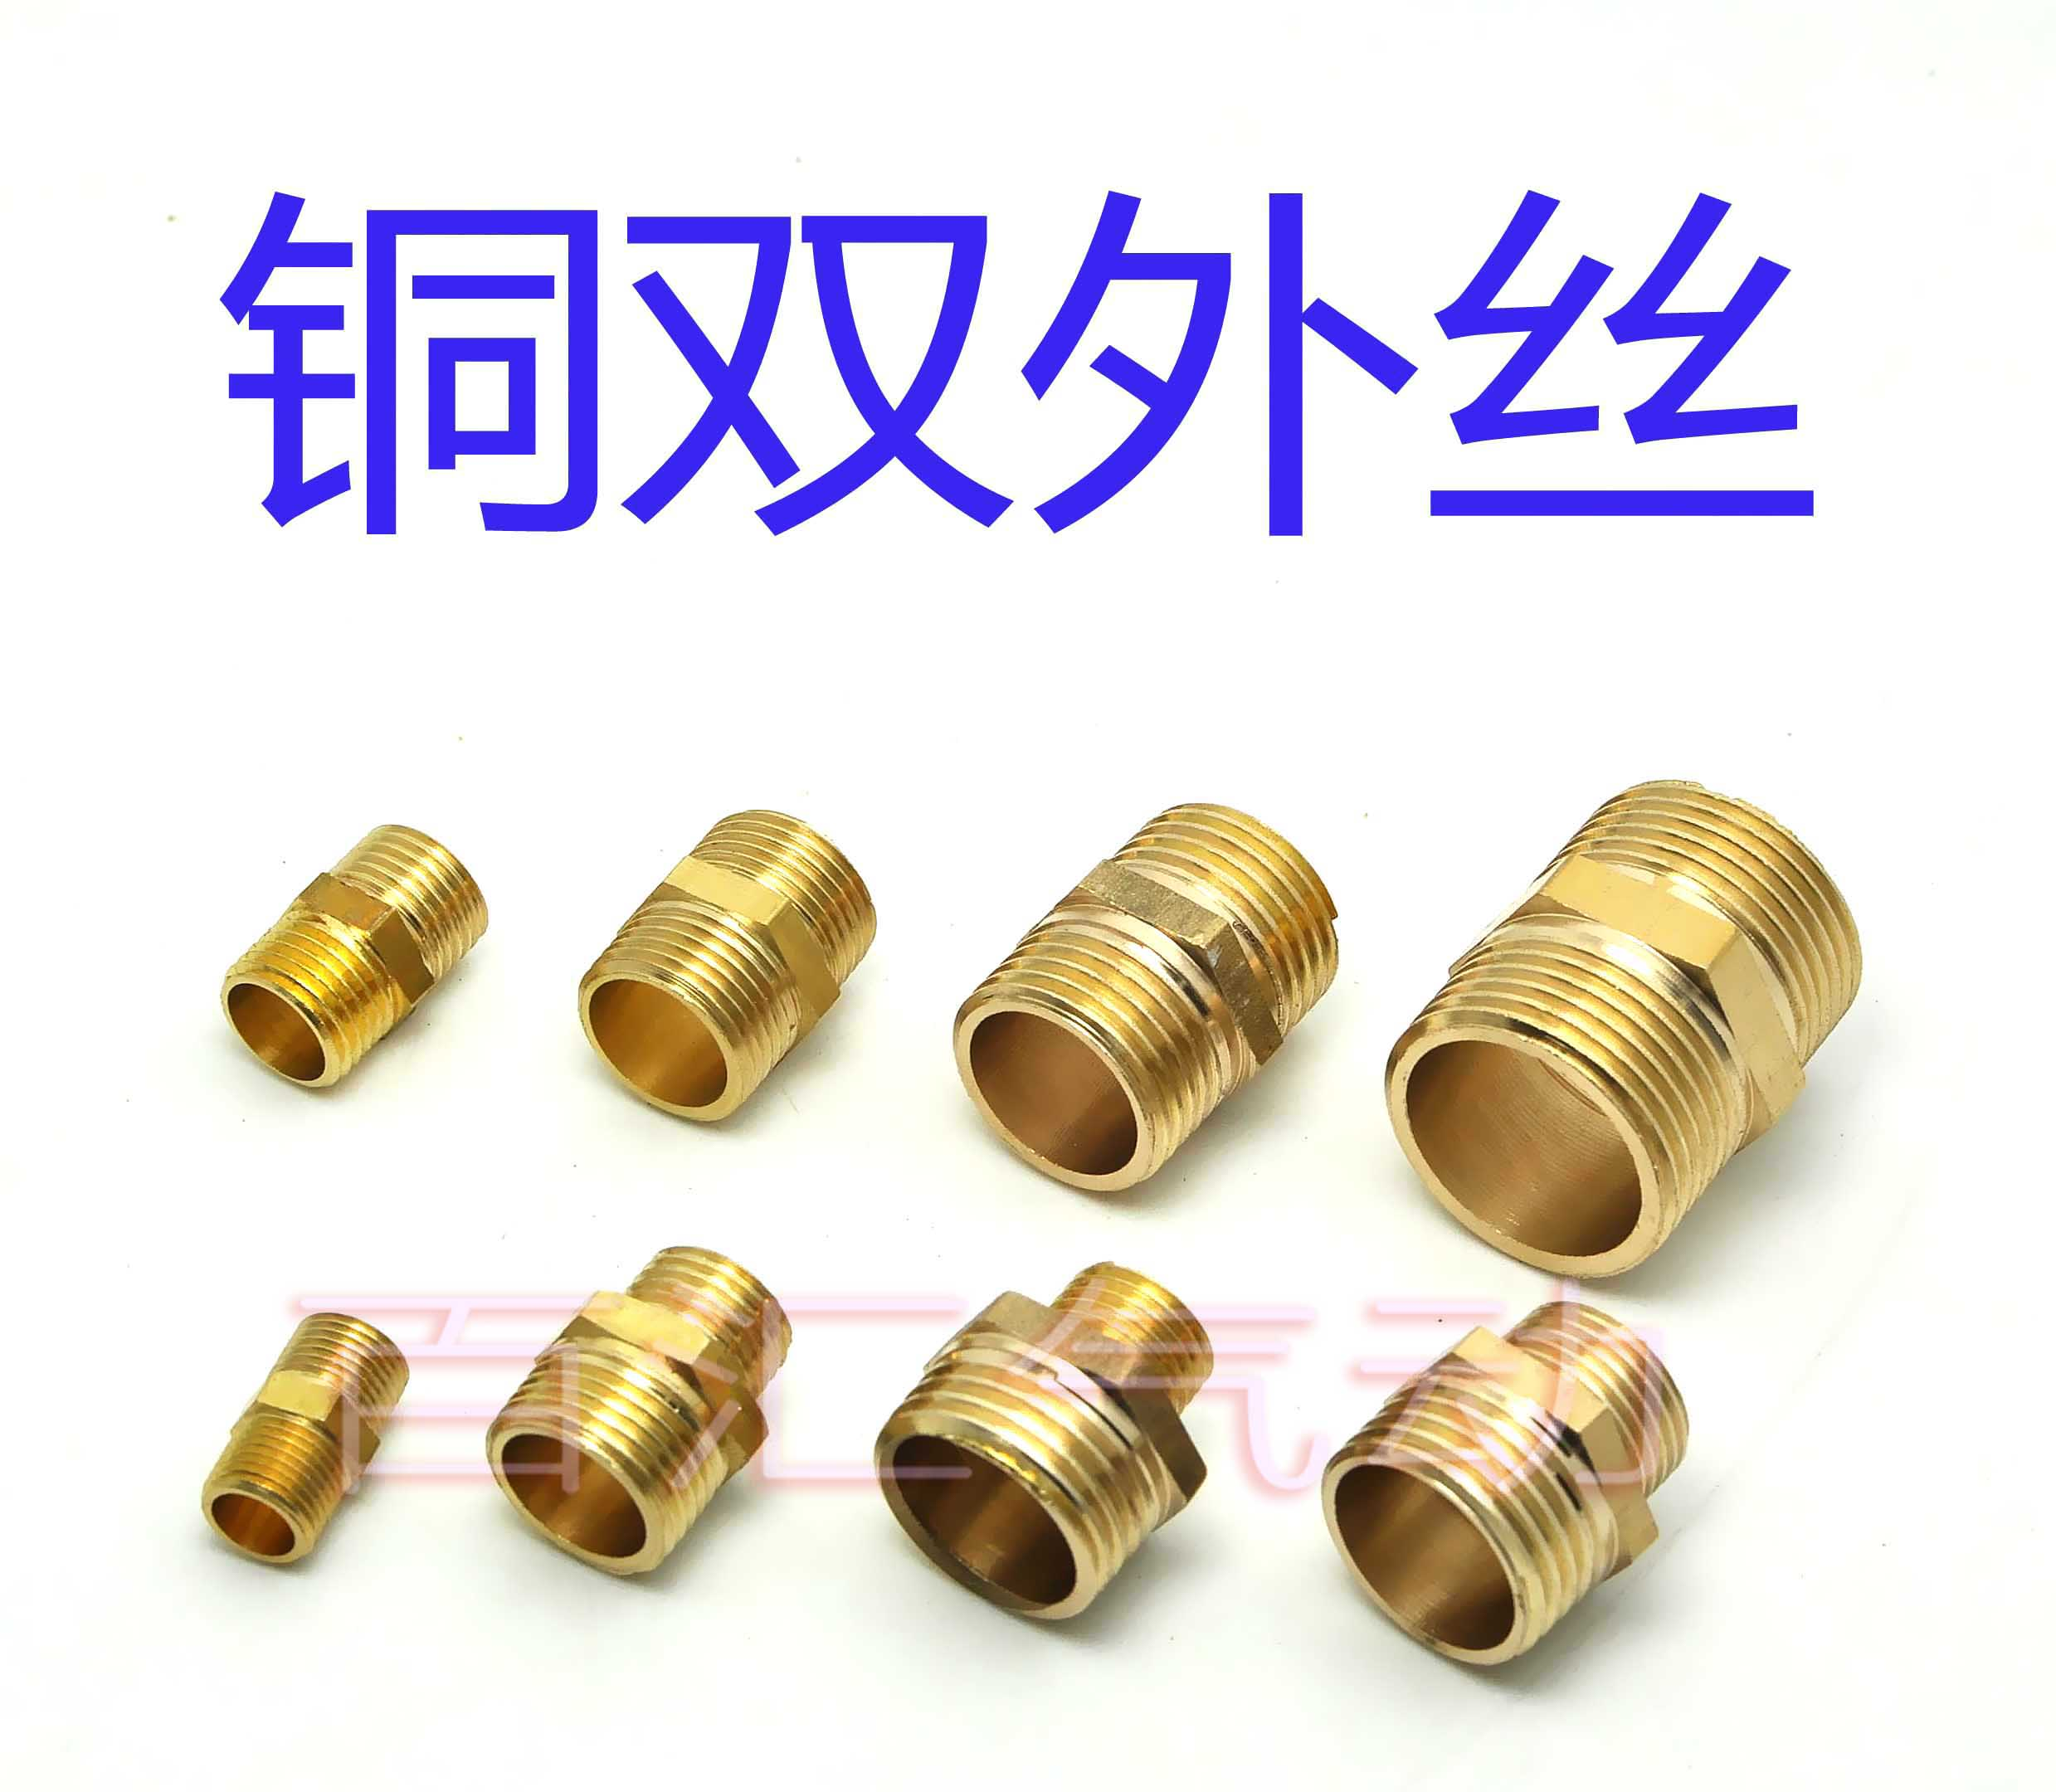 铜对丝双外丝变径异型铜接头气动接头管路水管配件五金配件 外牙